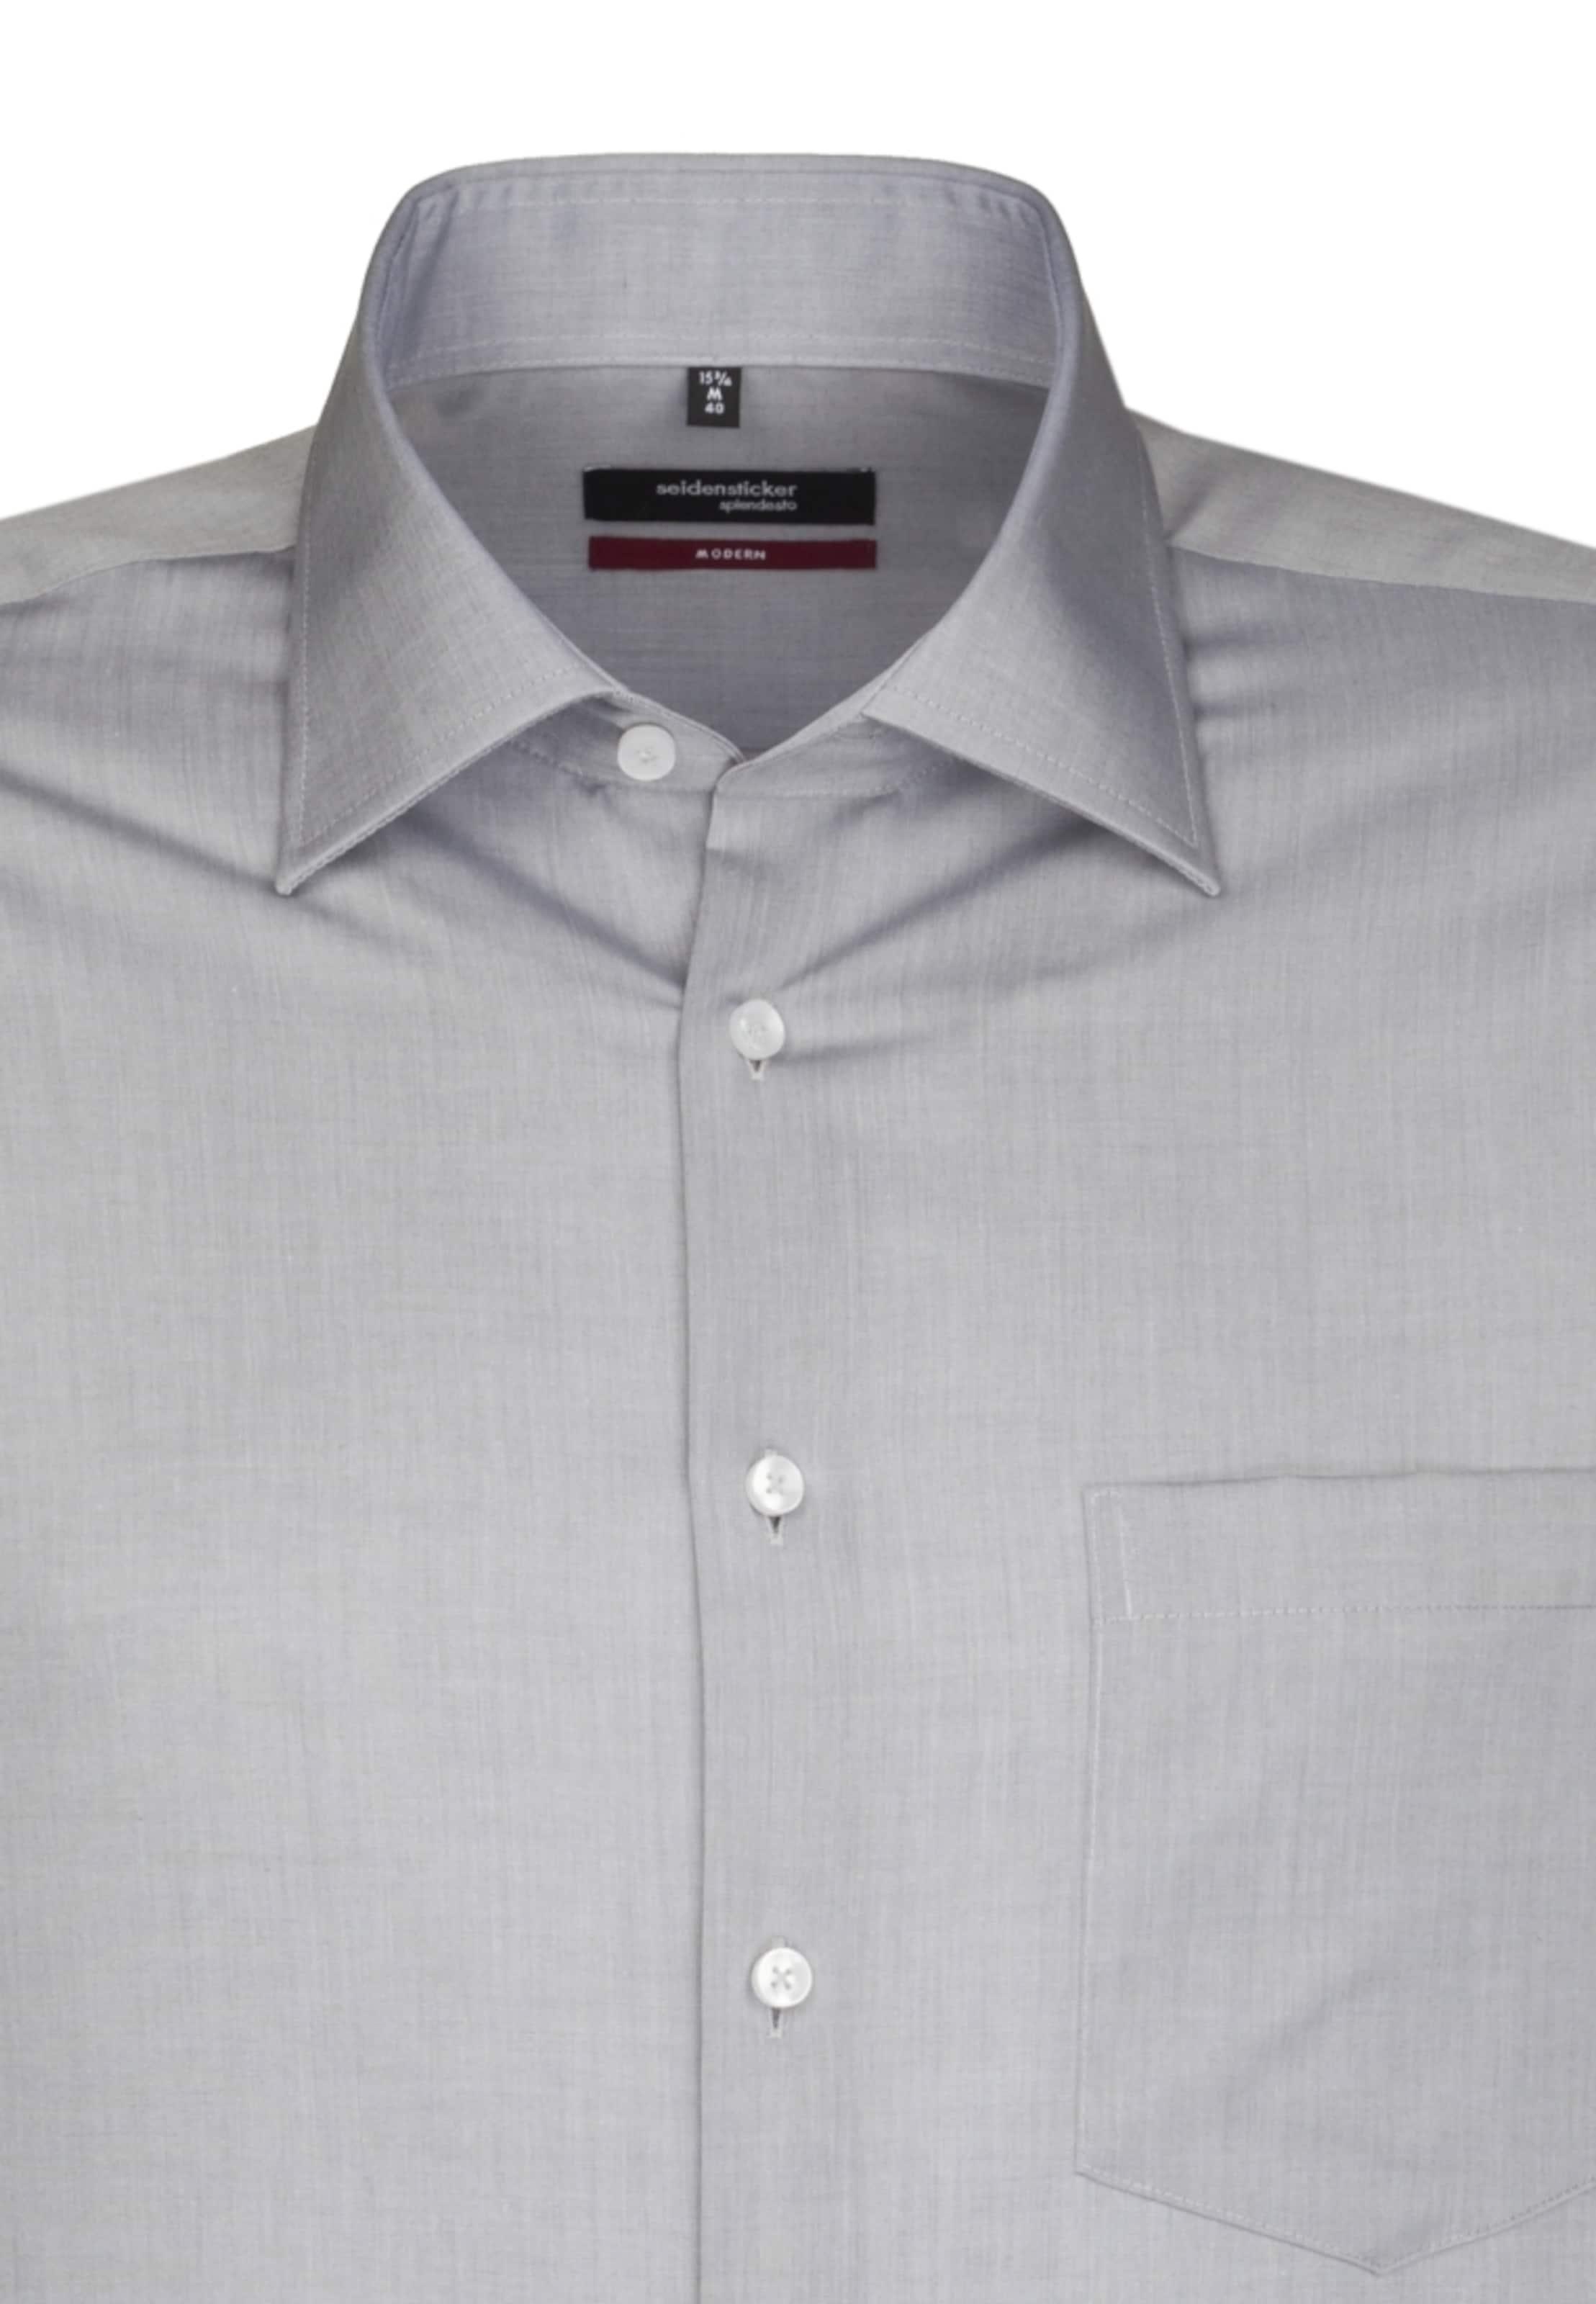 Großhandel Online SEIDENSTICKER City-Hemd 'Modern' Billig Verkauf Beste Preise Billig Authentisch Auslass Freies Verschiffen Für Billig UiywG9paKS